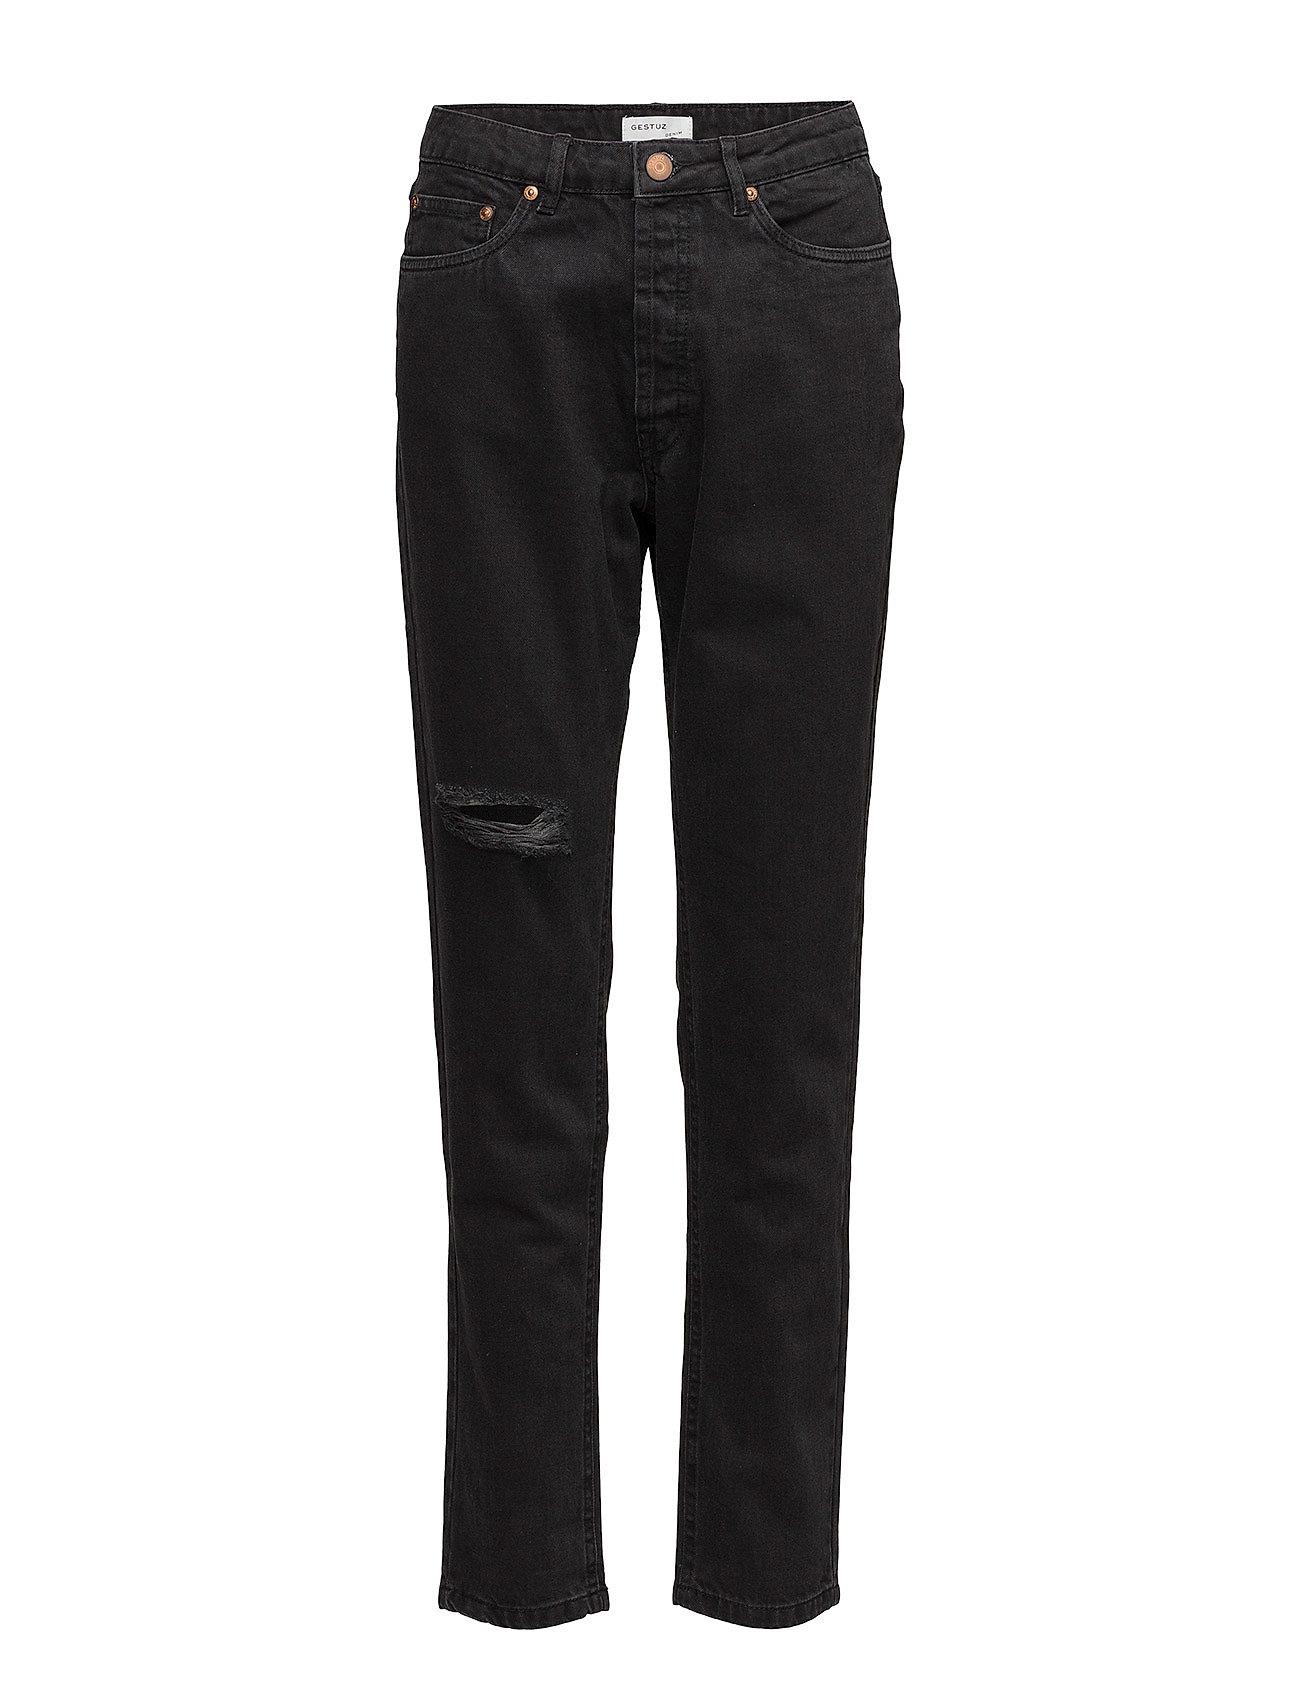 Gestuz Agnes jeans ZE4 16 - BLACK